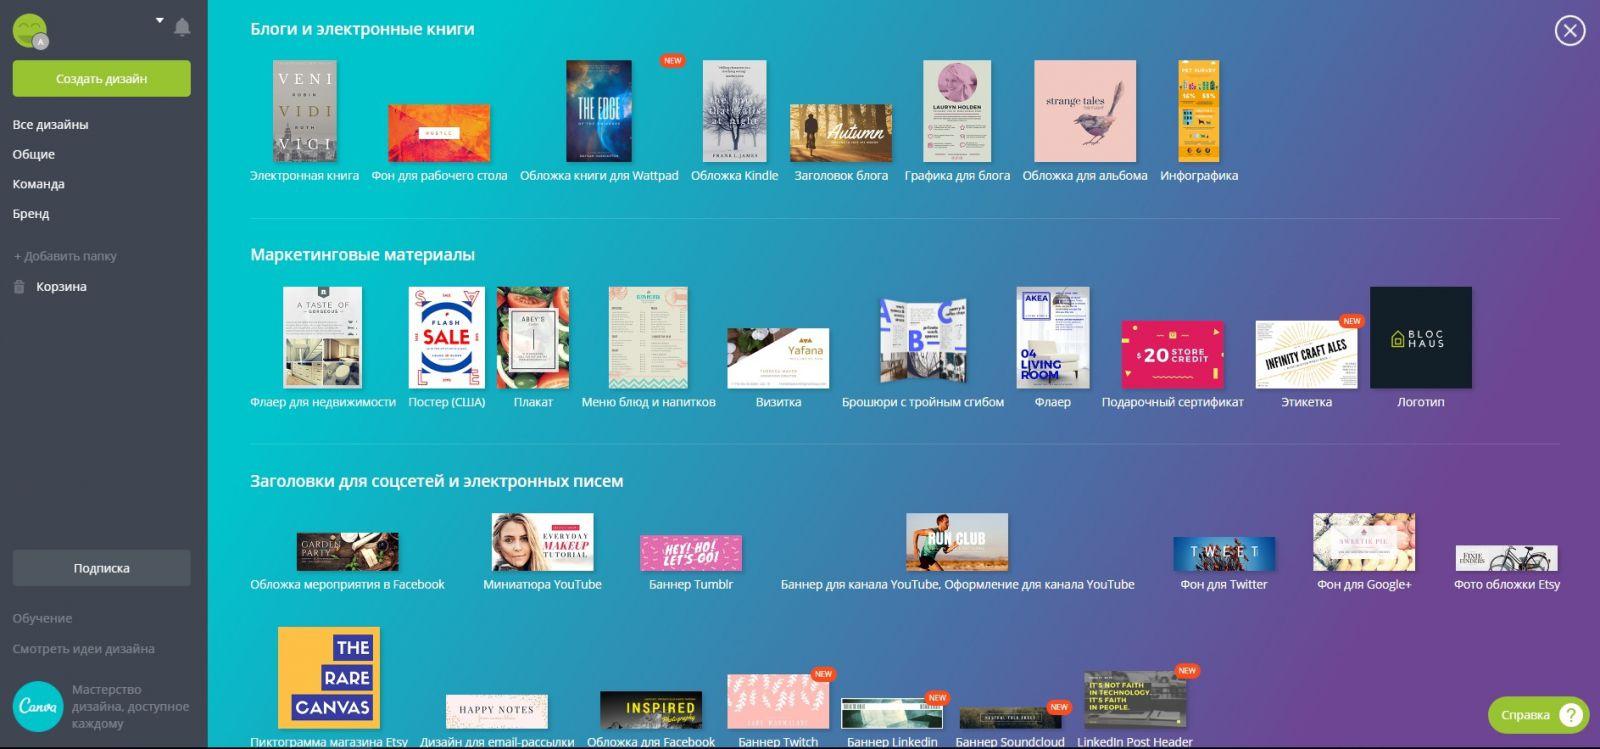 Сервис для создания уникального дизайна постеров - Canva